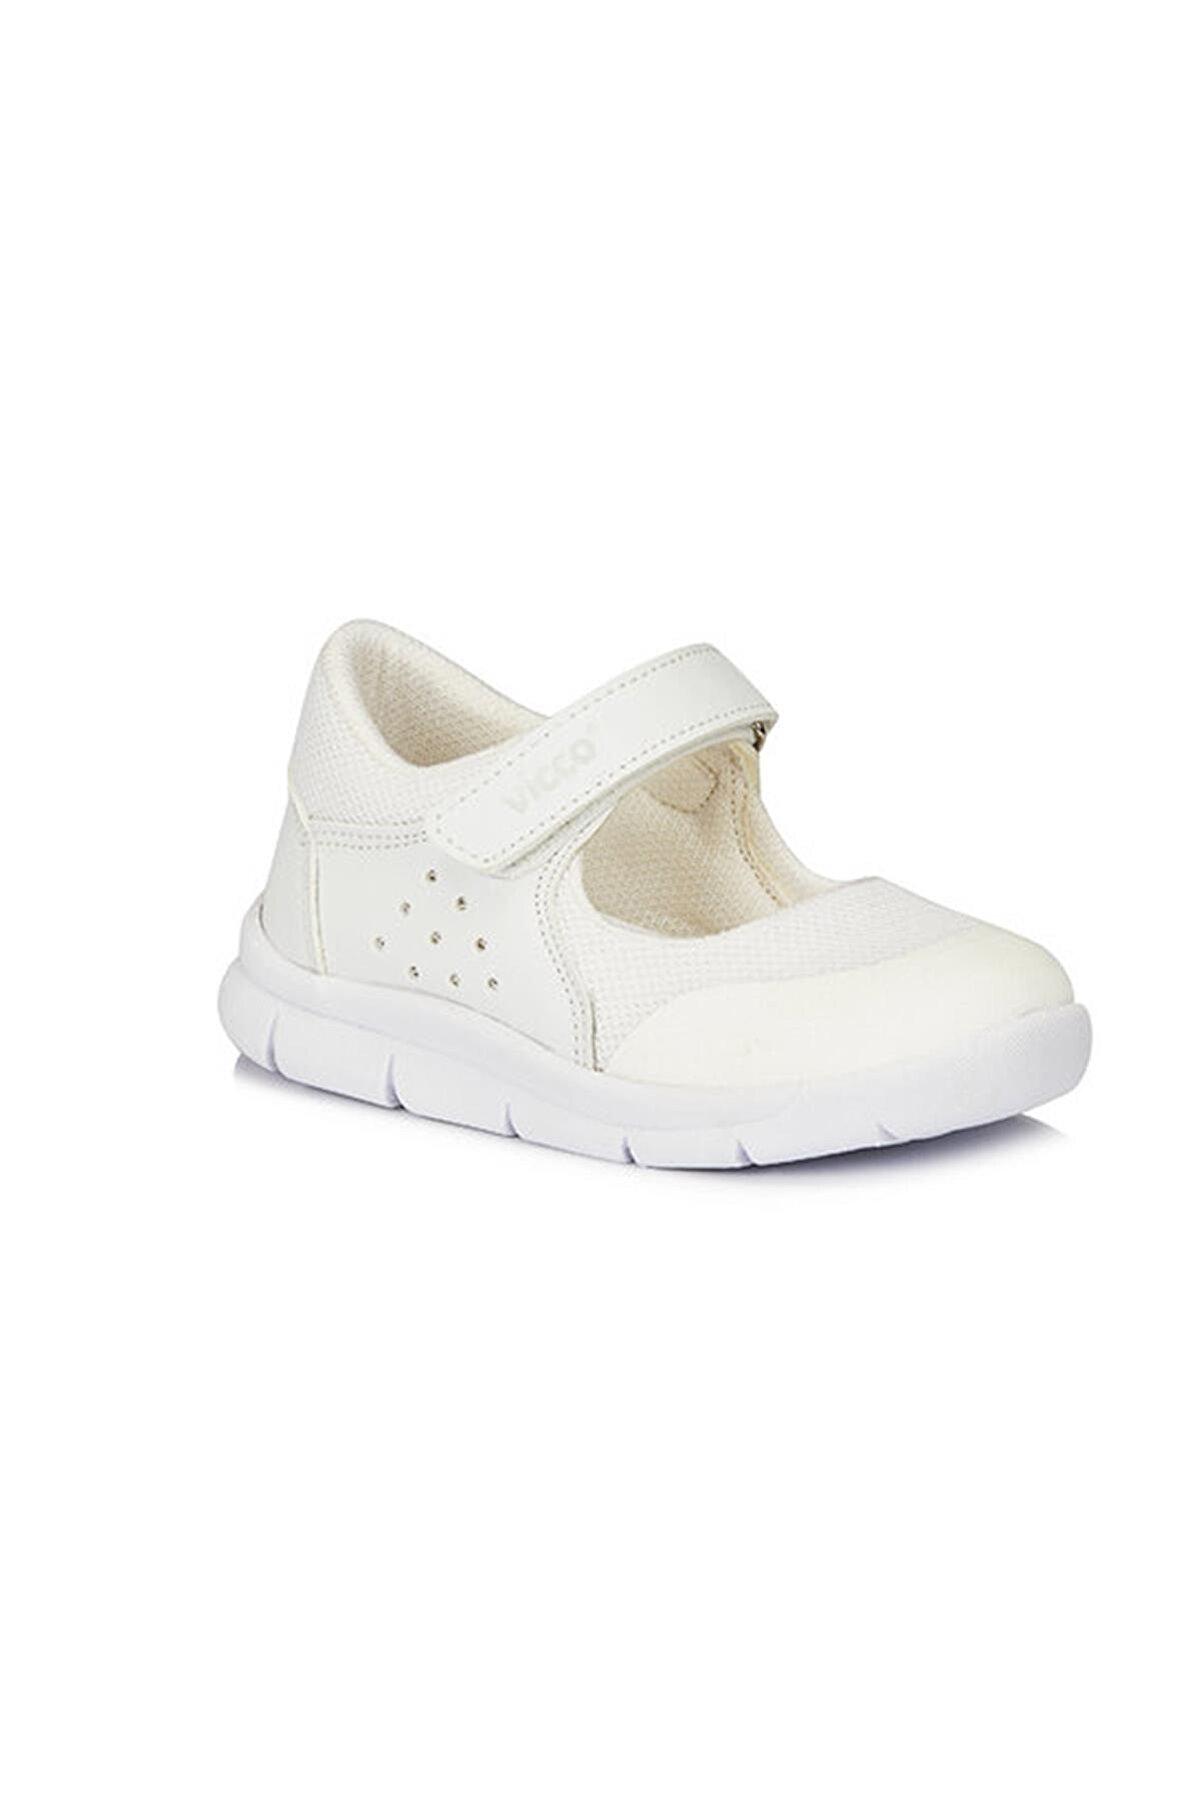 Vicco Kız Çocuk Beyaz Lucy Günlük Spor Ayakkabı 346-b21y-114